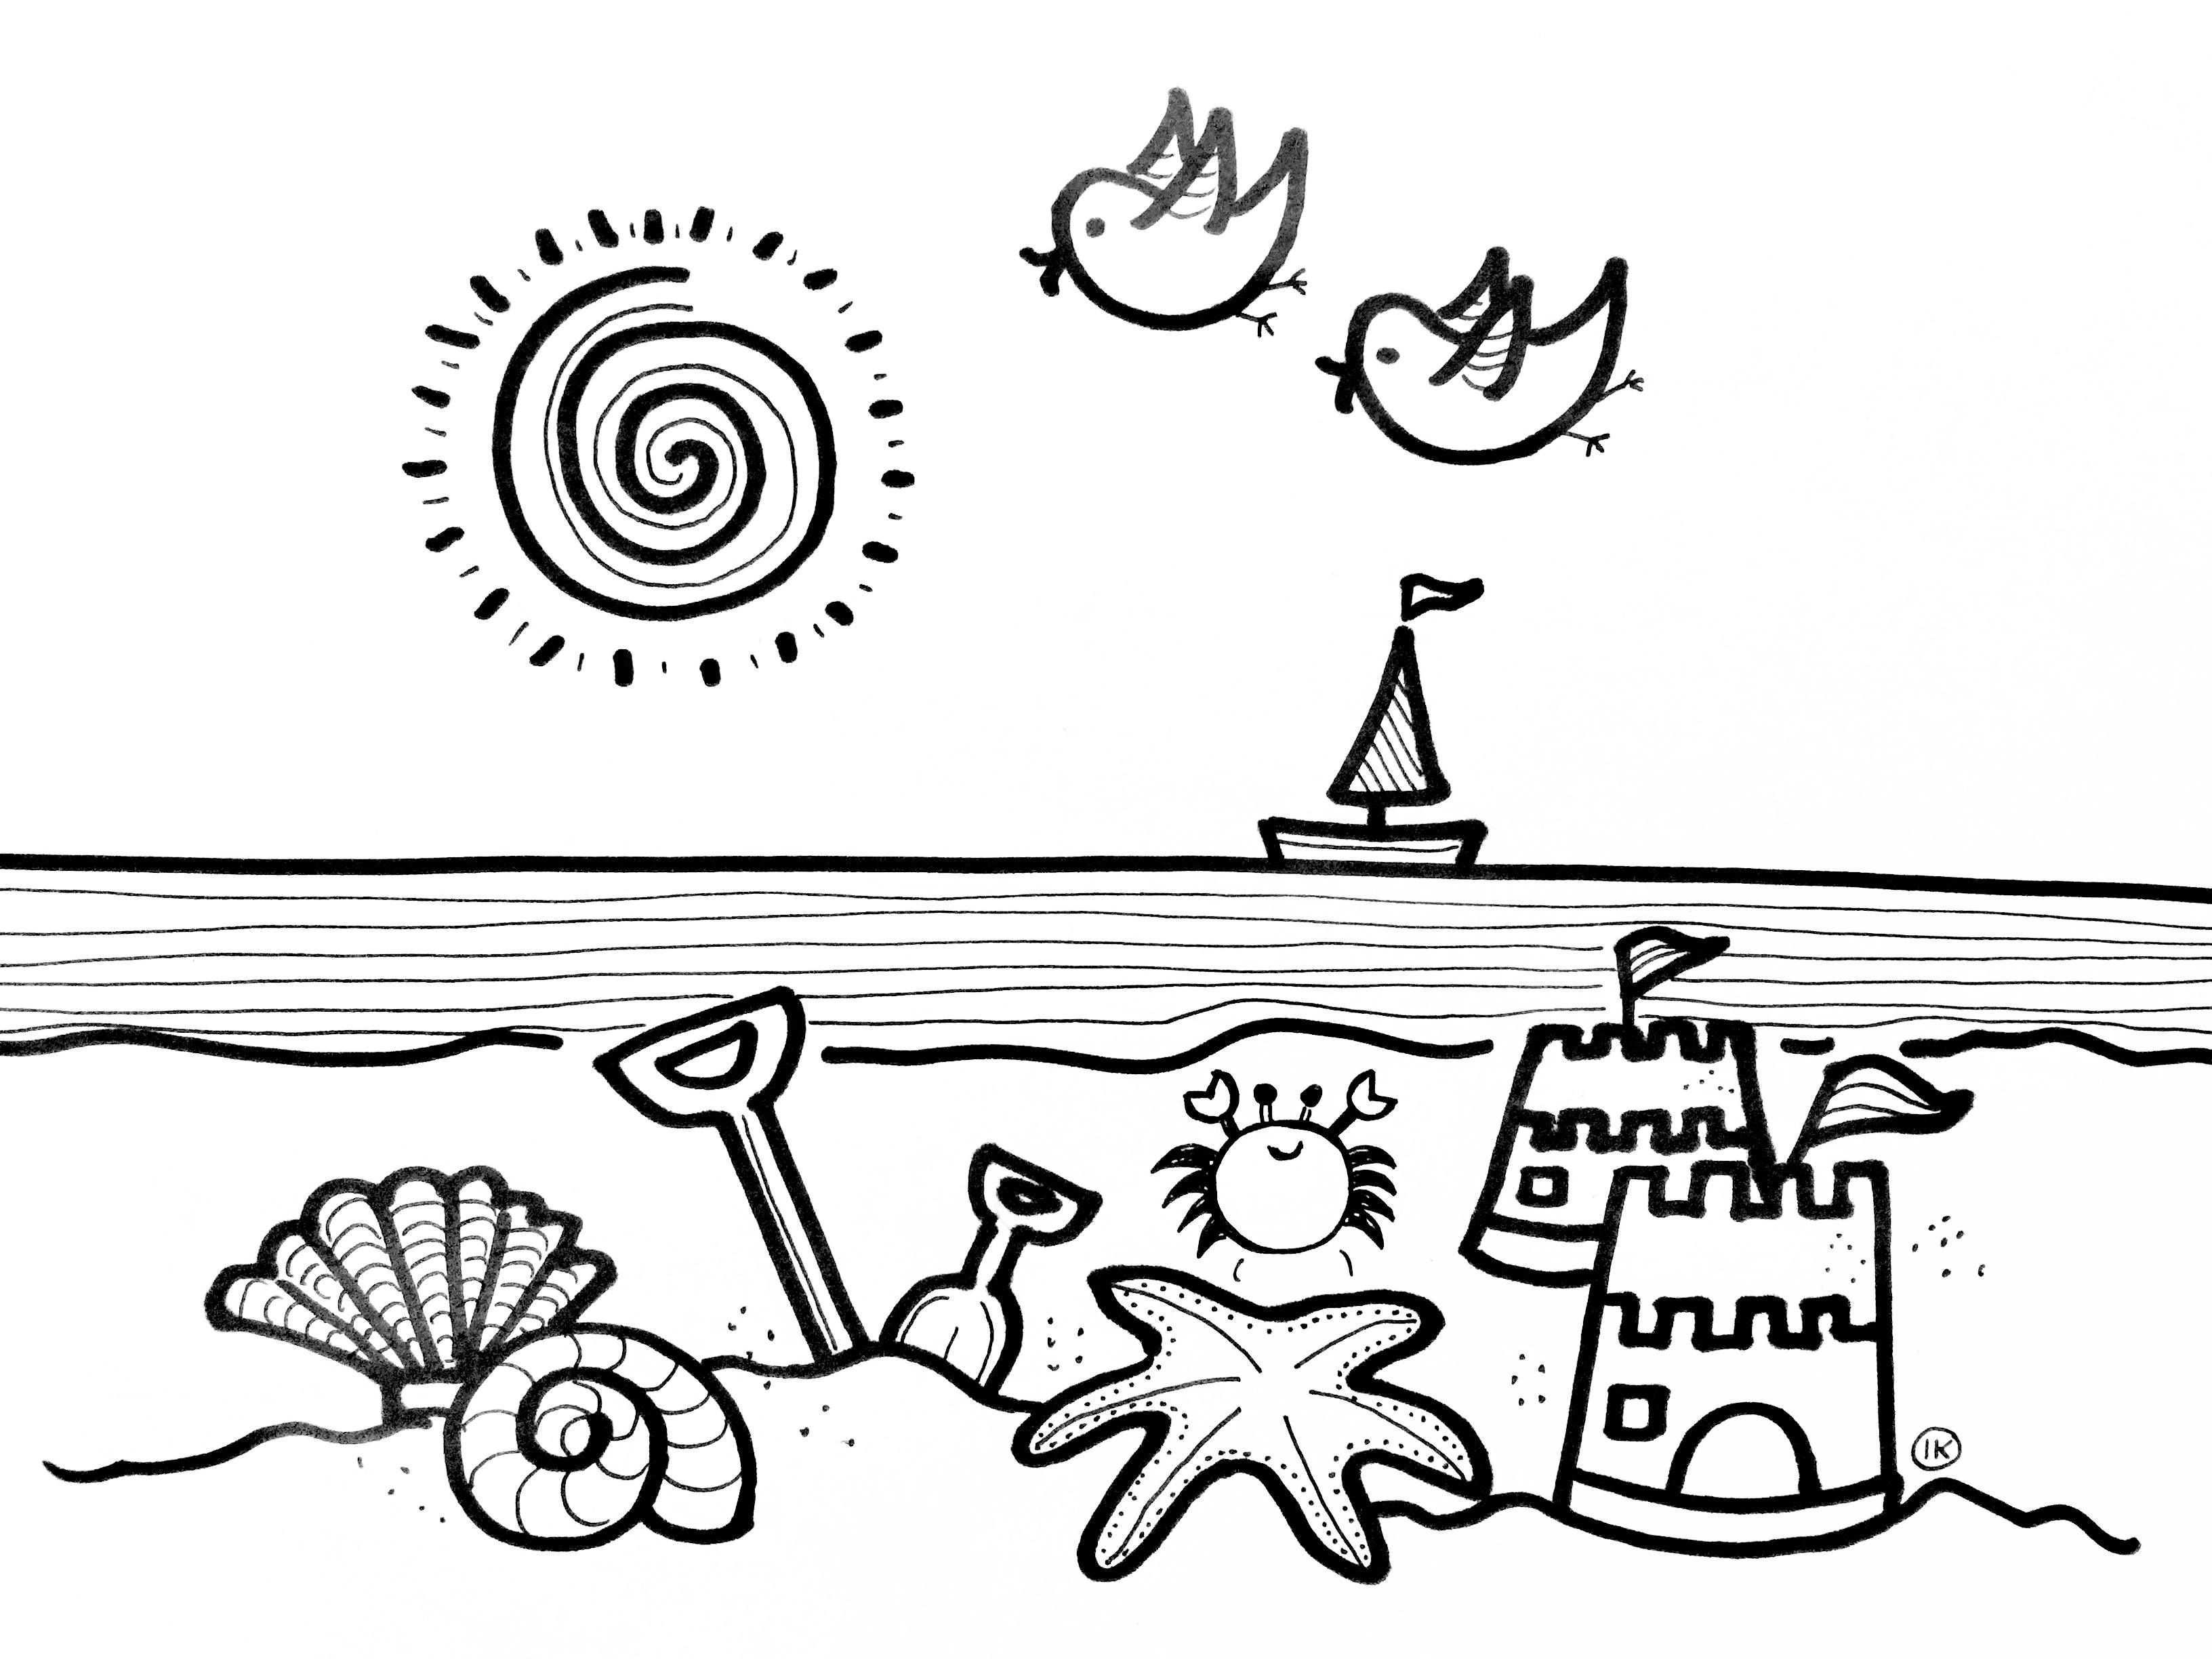 Zomerse Kleurplaten Zon Zee En Strand Kleurplaat Zomer Strand Kleurplaten Zand En Water Zomer Kleurplaten Kleurplaten Kleurplaten Voor Kinderen